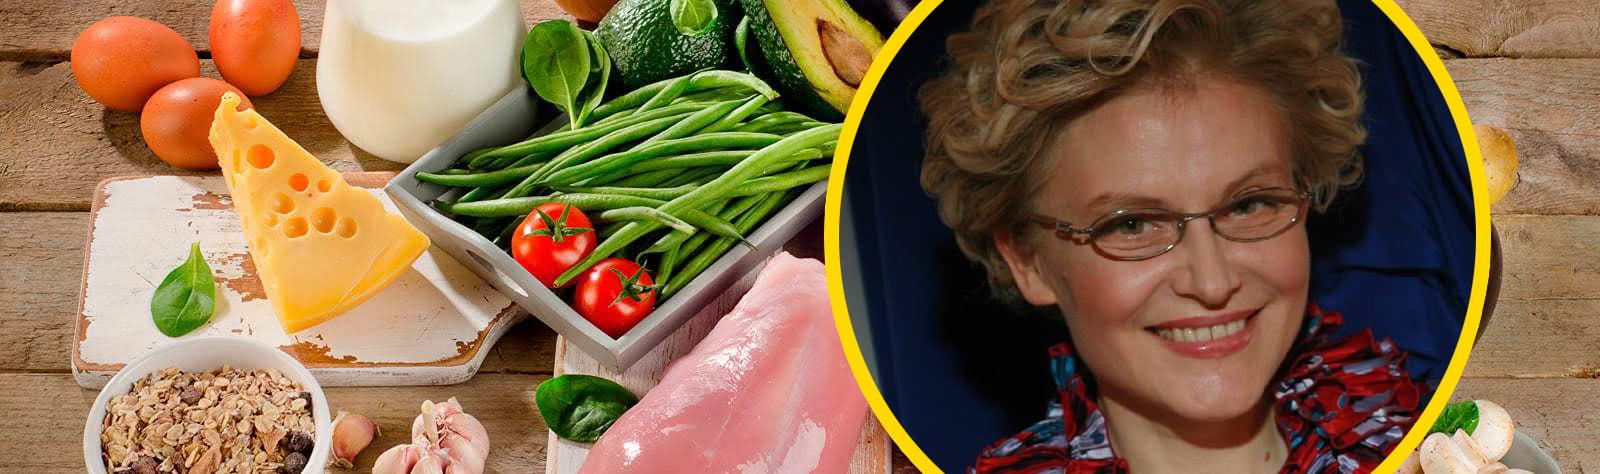 Как Сбросить Вес По Диете Малышевой. Десять бесплатных диет от Елены Малышевой